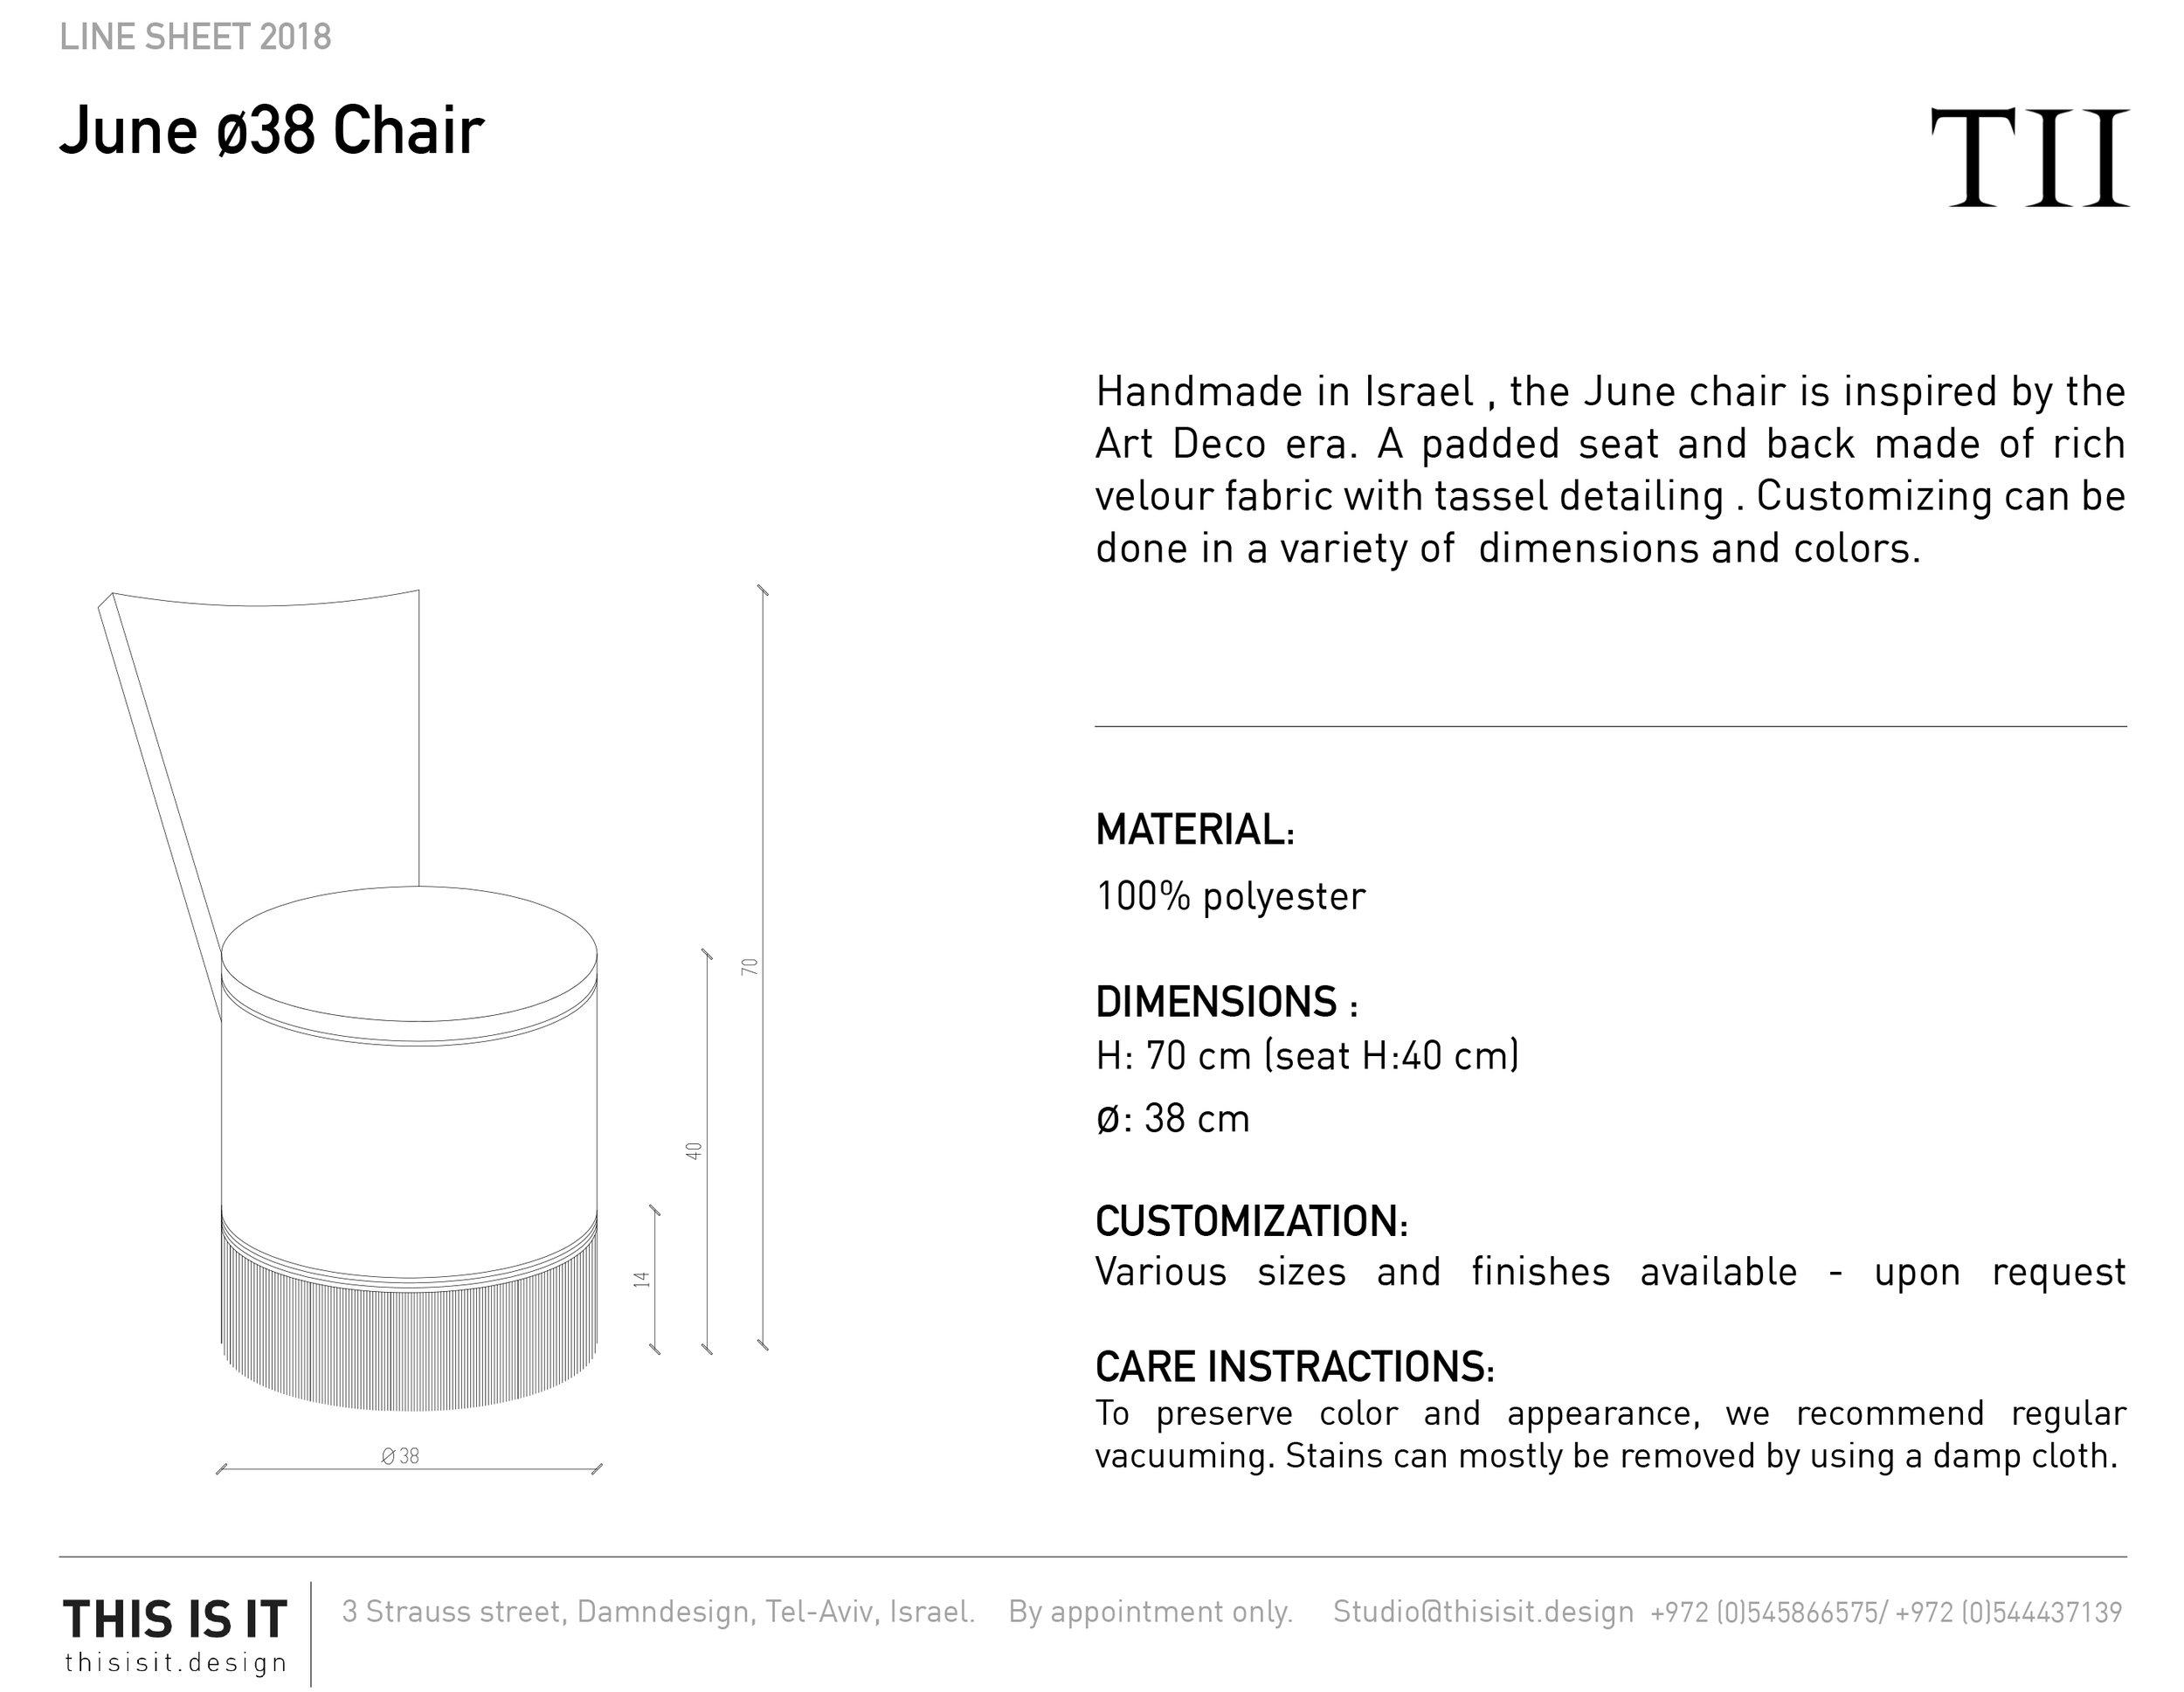 June chair Line sheet 2018